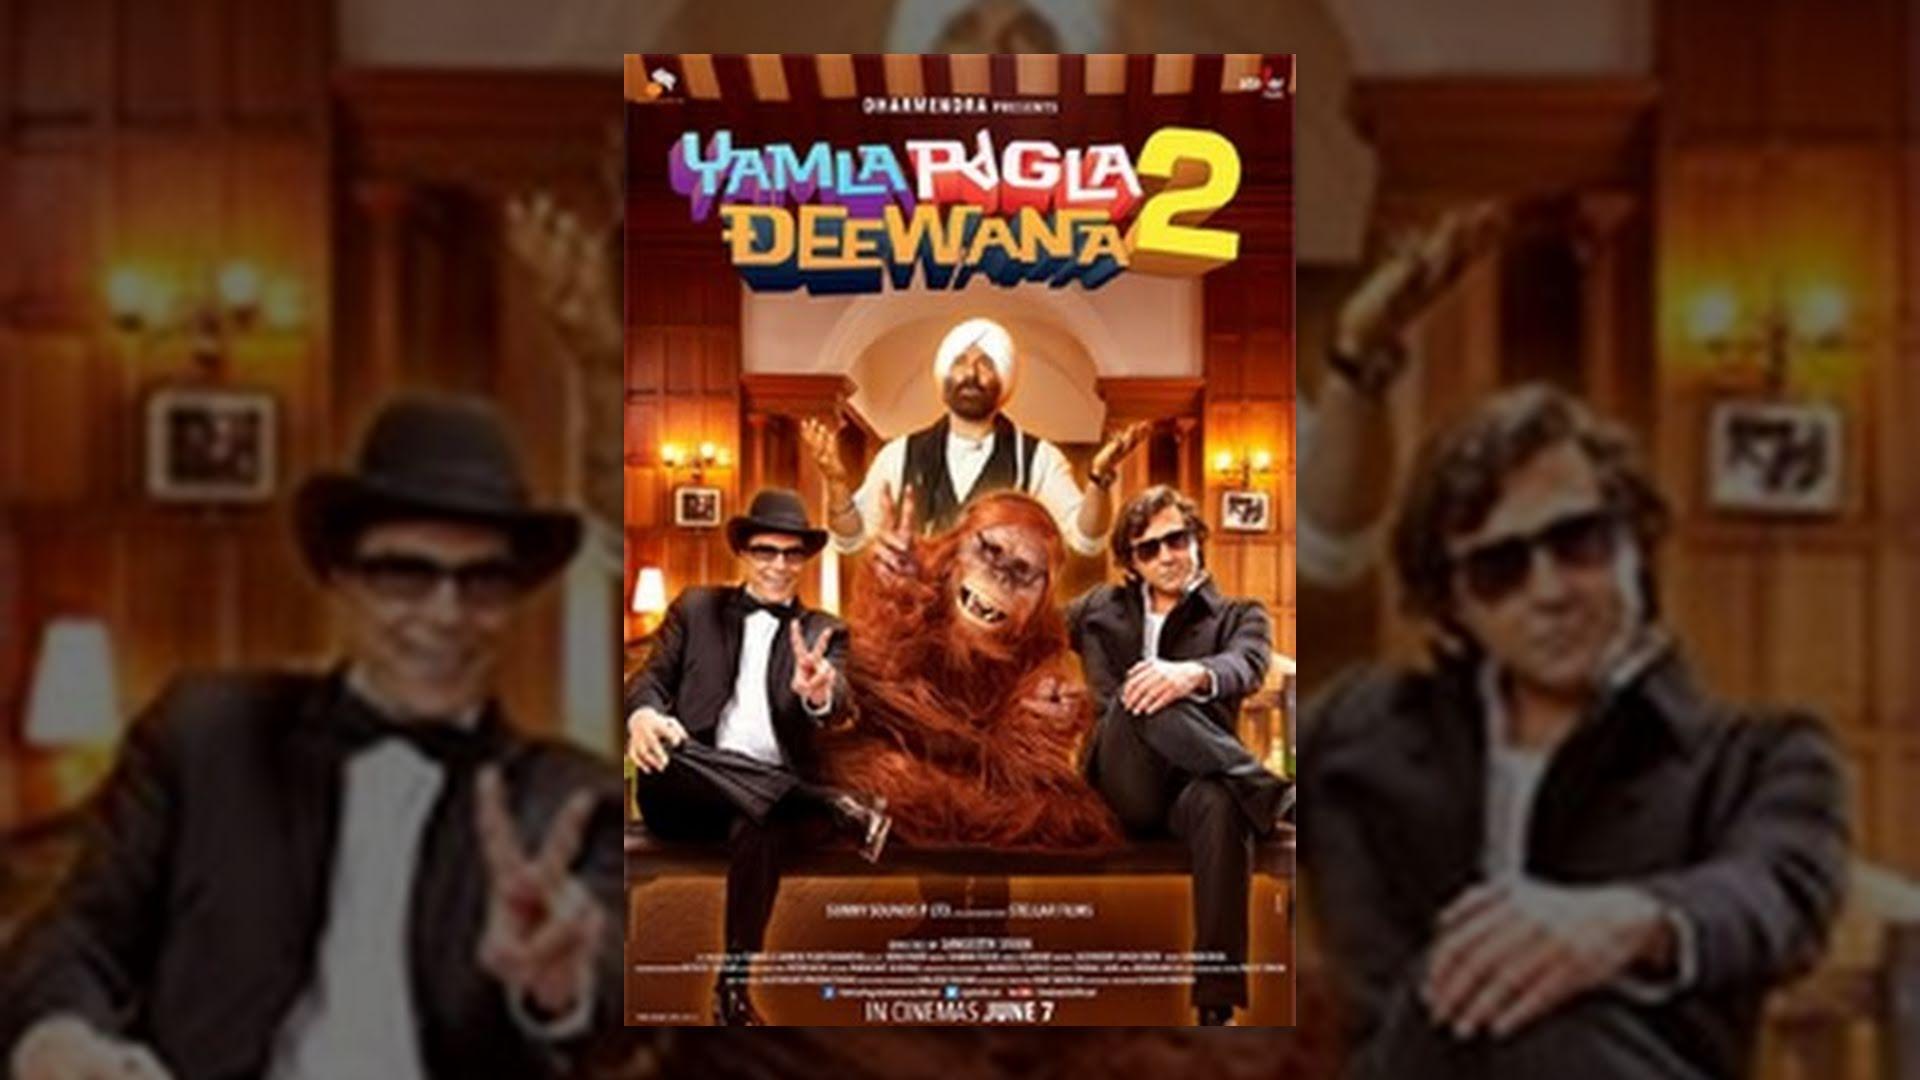 Yamla Pagla Deewana 2 (With English Subtitles)